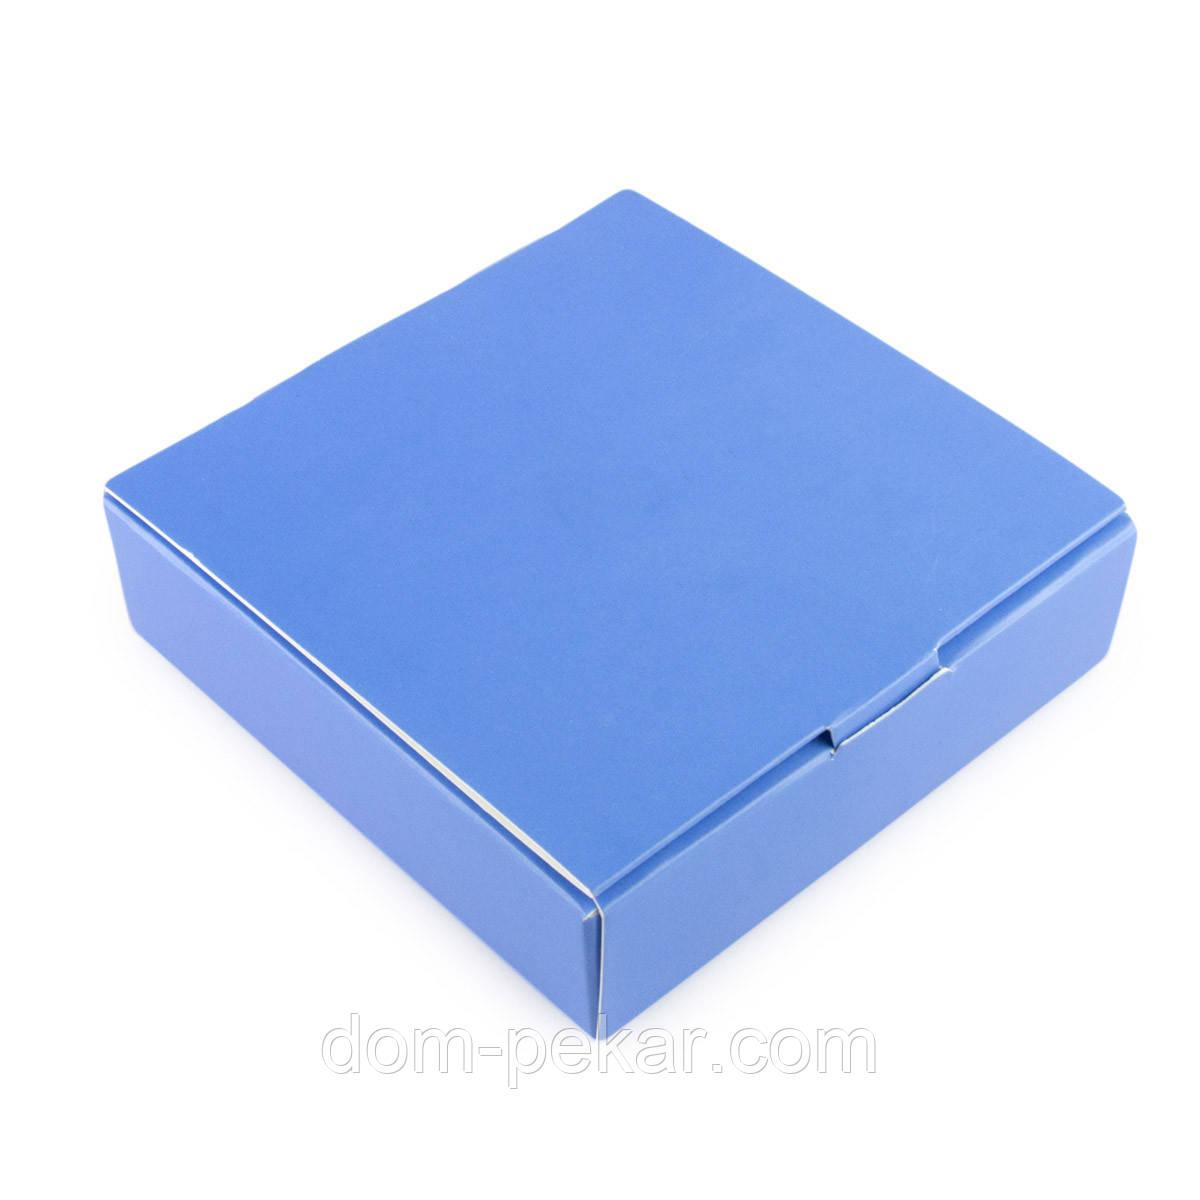 Упаковка для конфет с 4 ячейками голубая 112*112*30мм